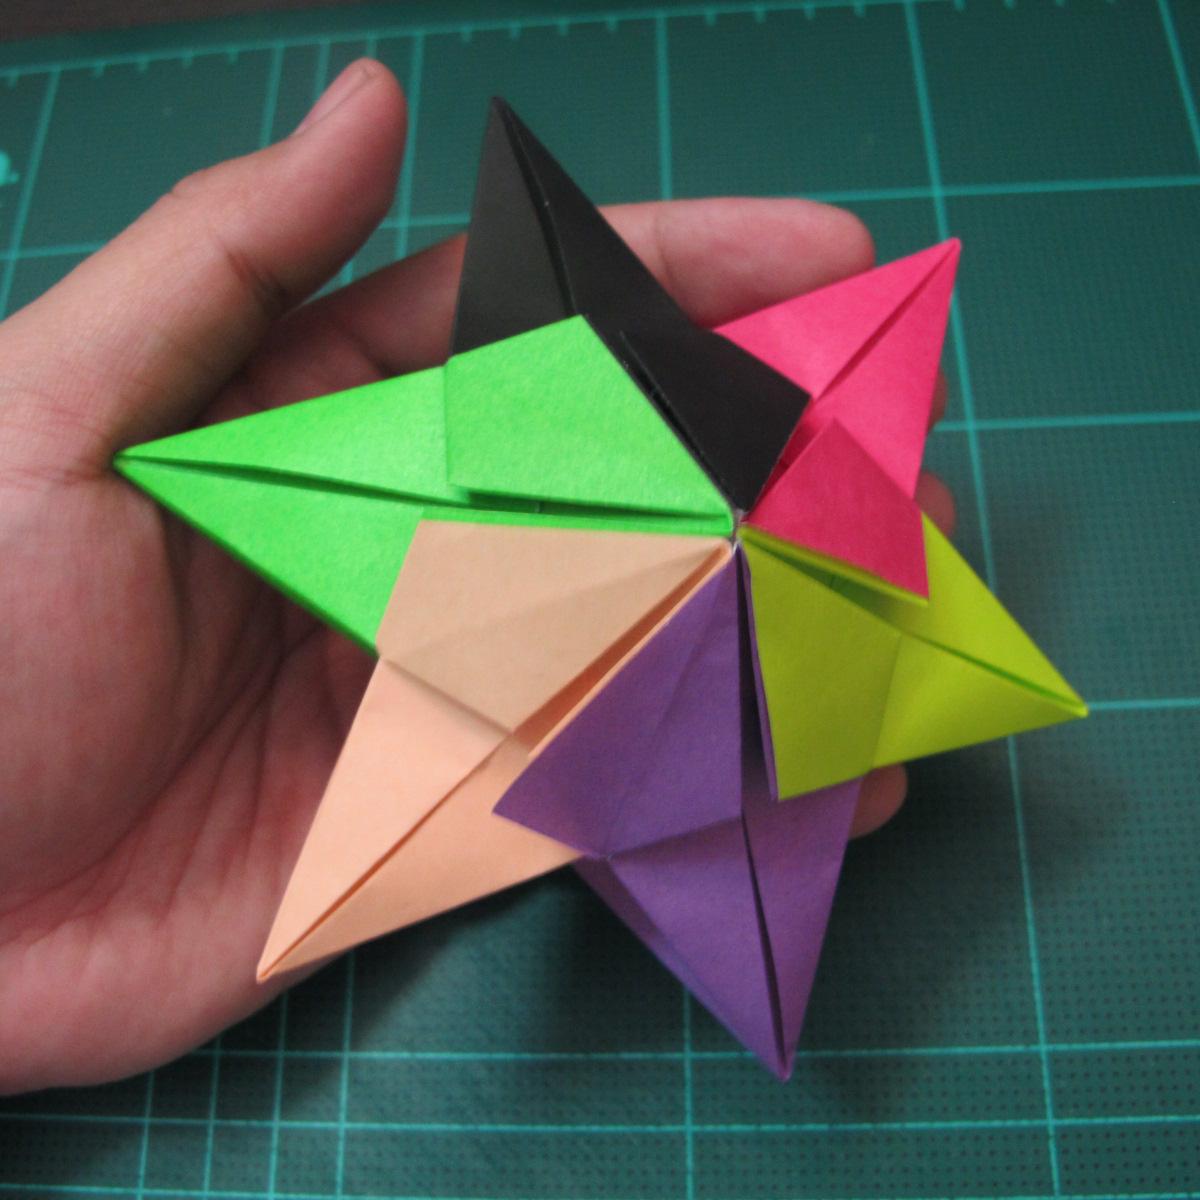 การพับกระดาษแบบโมดูล่าเป็นดาวสปาราซิส (Modular Origami Sparaxis Star) 023